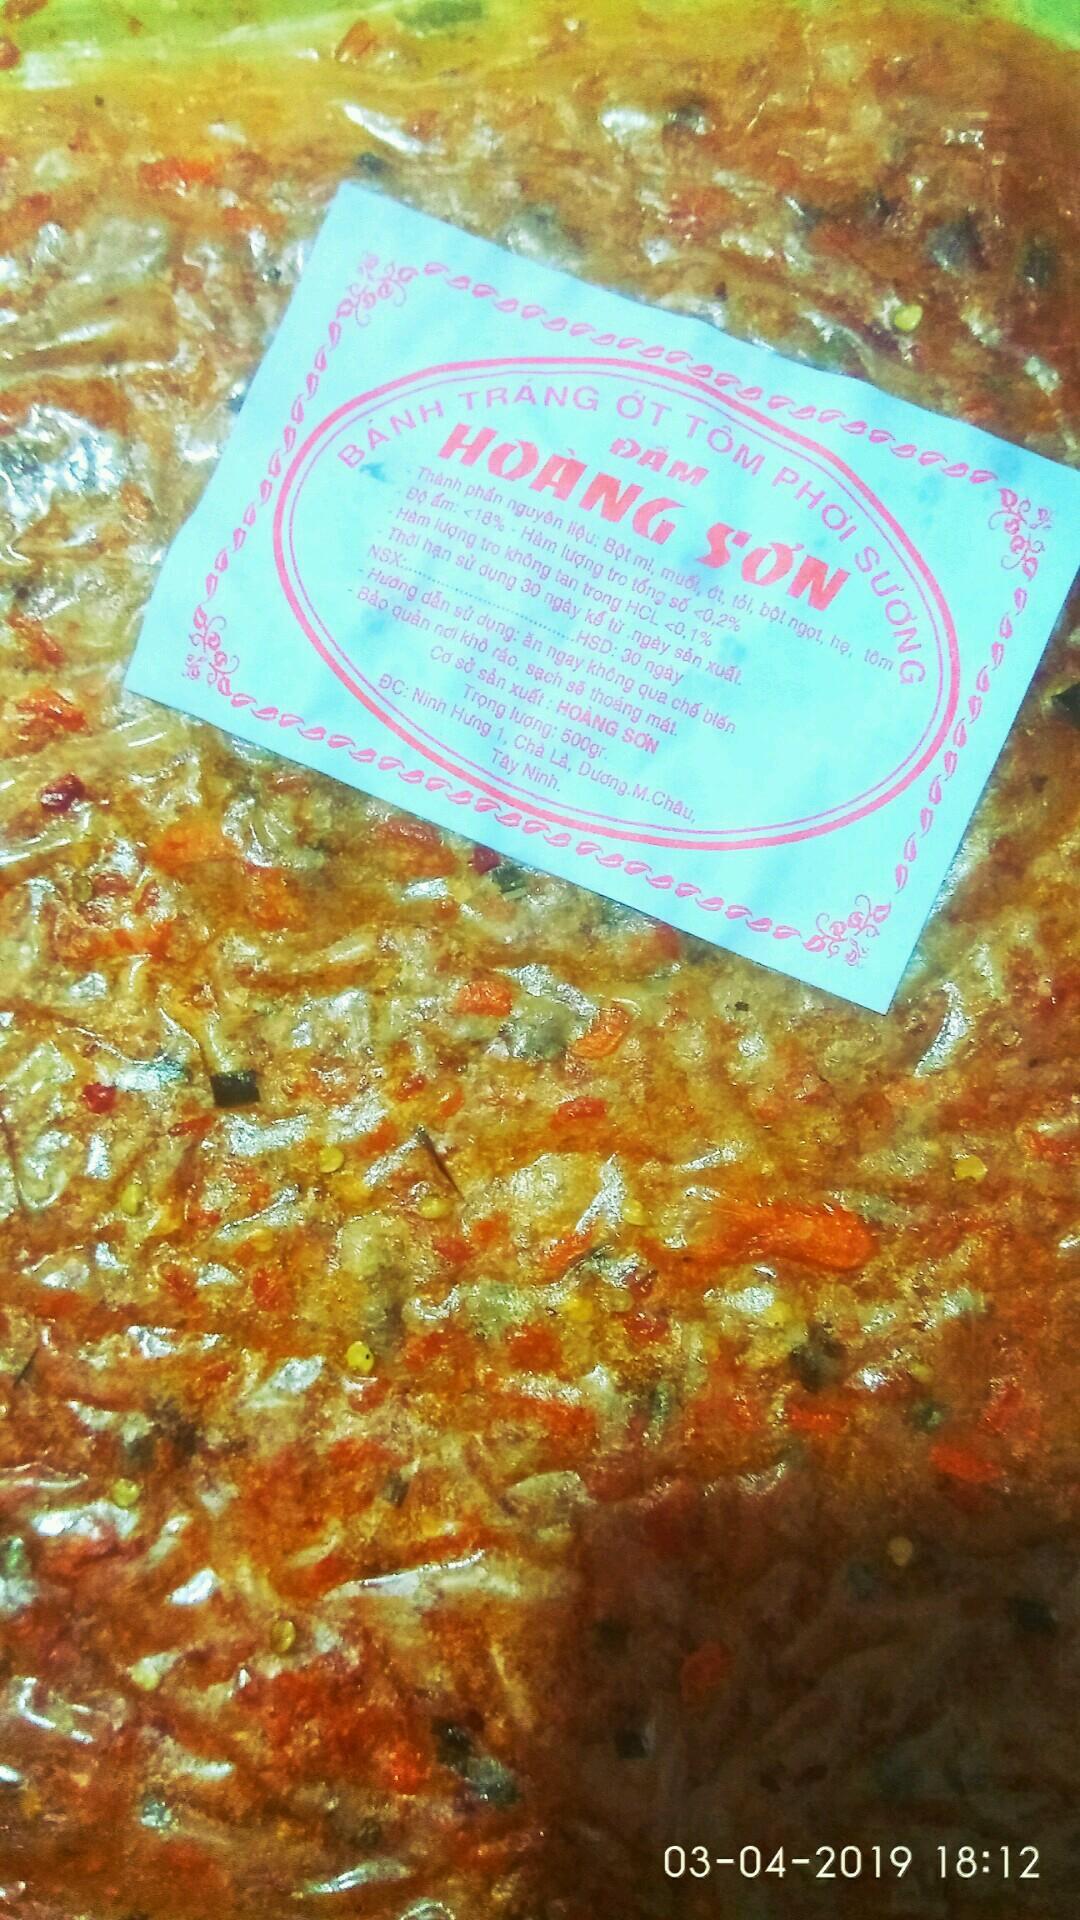 Bánh tráng ớt tôm phơi sương (10cái)